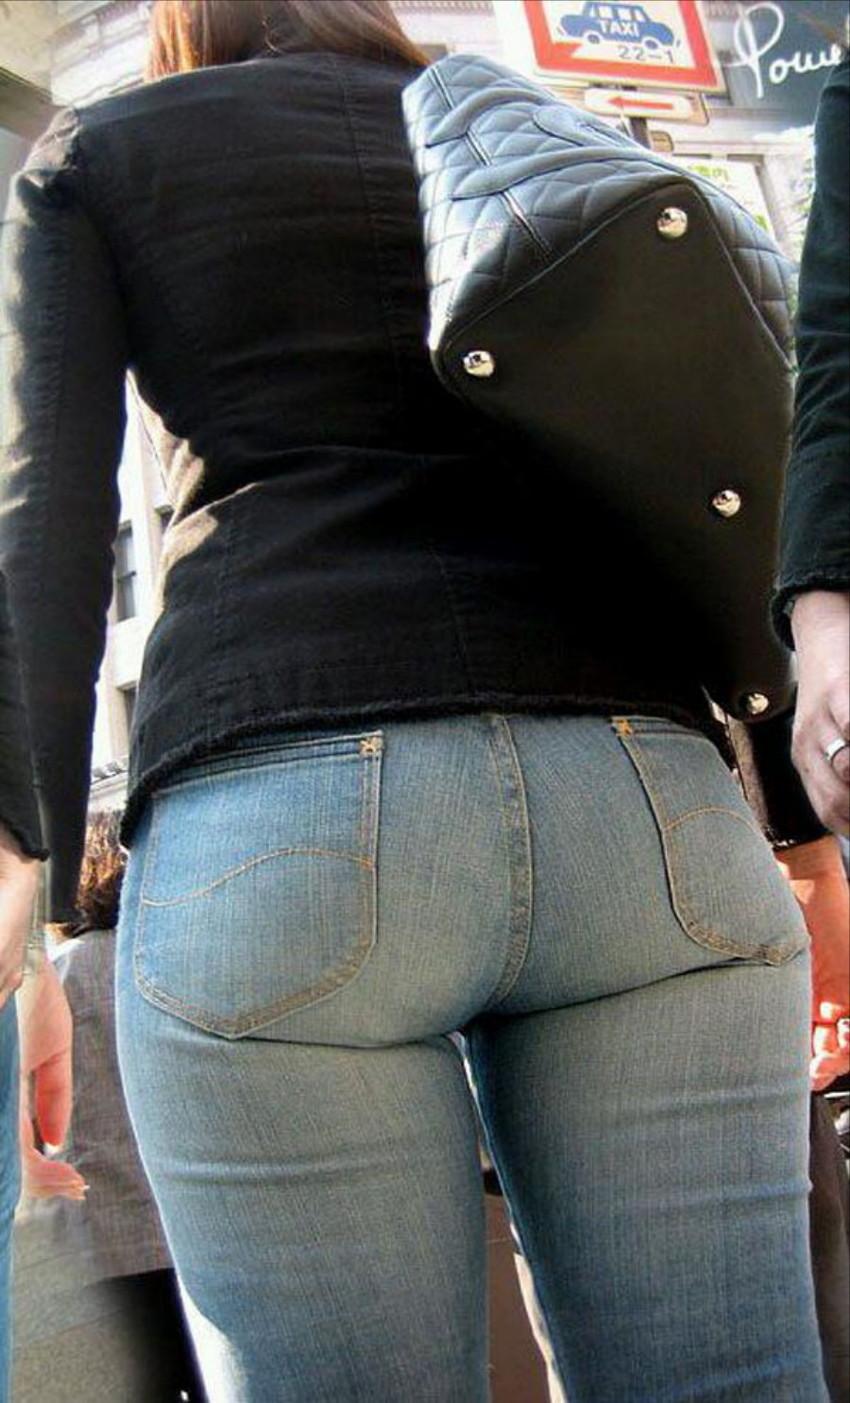 【ジーンズエロ画像】デカ尻娘や人妻のパツパツジーンズを視姦したり穴を開けて着衣セックスしちゃってるジーンズエロ画像集!ww【80枚】 40